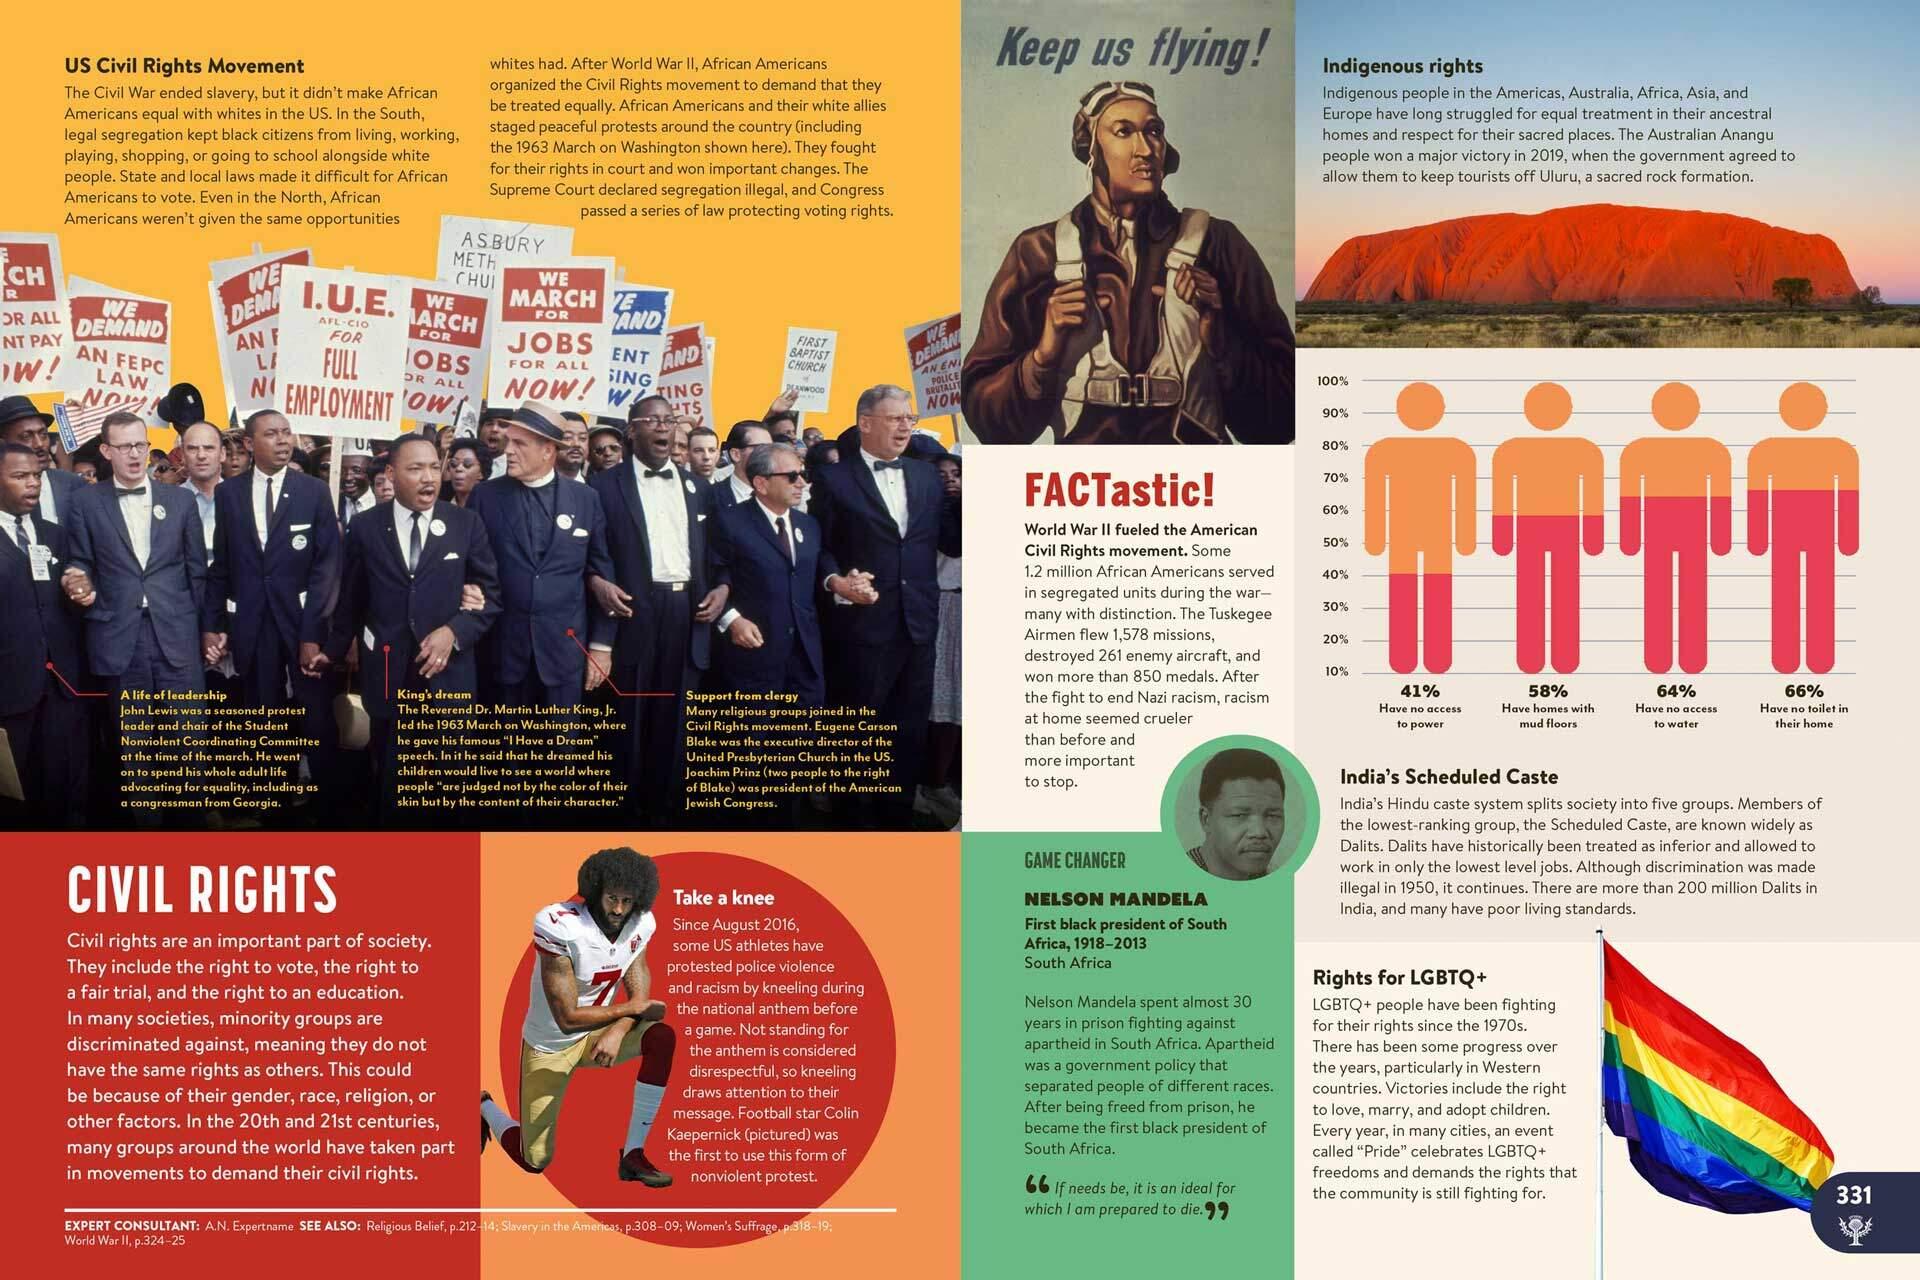 Britannica All New Children's Encyclopedia spread 3